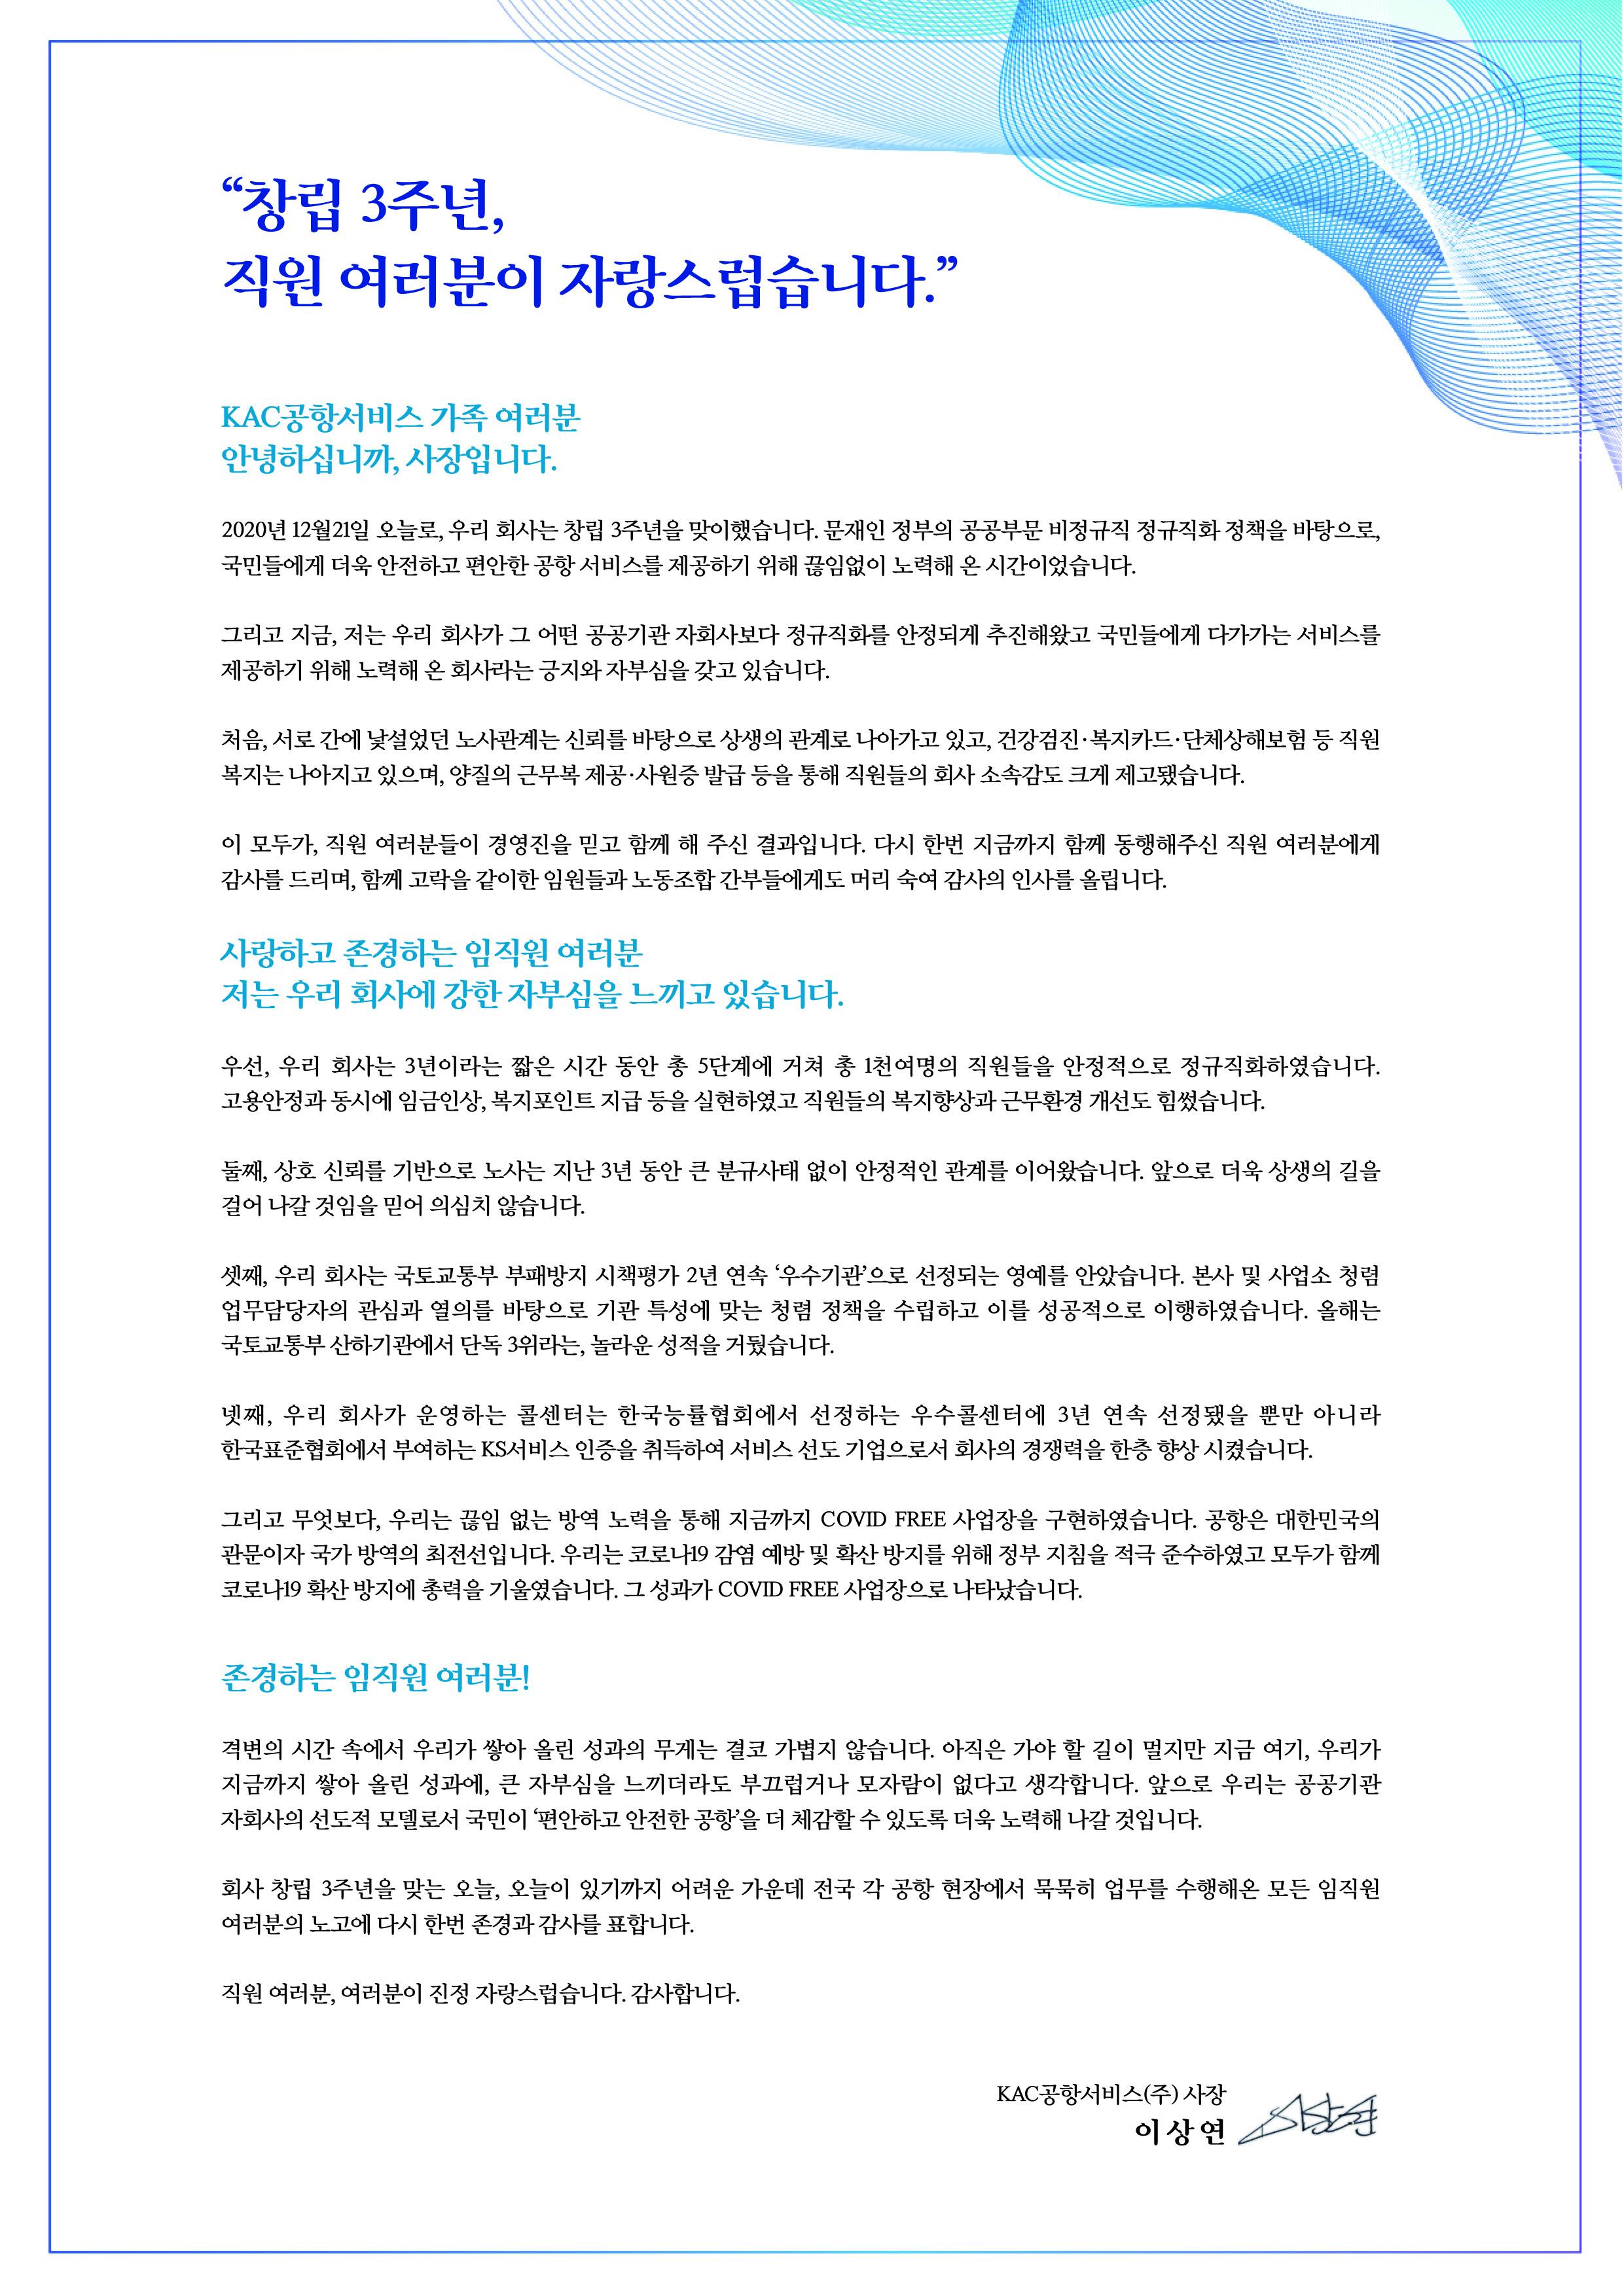 20201218_한국공항공사_창립기념사_웹용003_최종(JEPG) (1).jpg